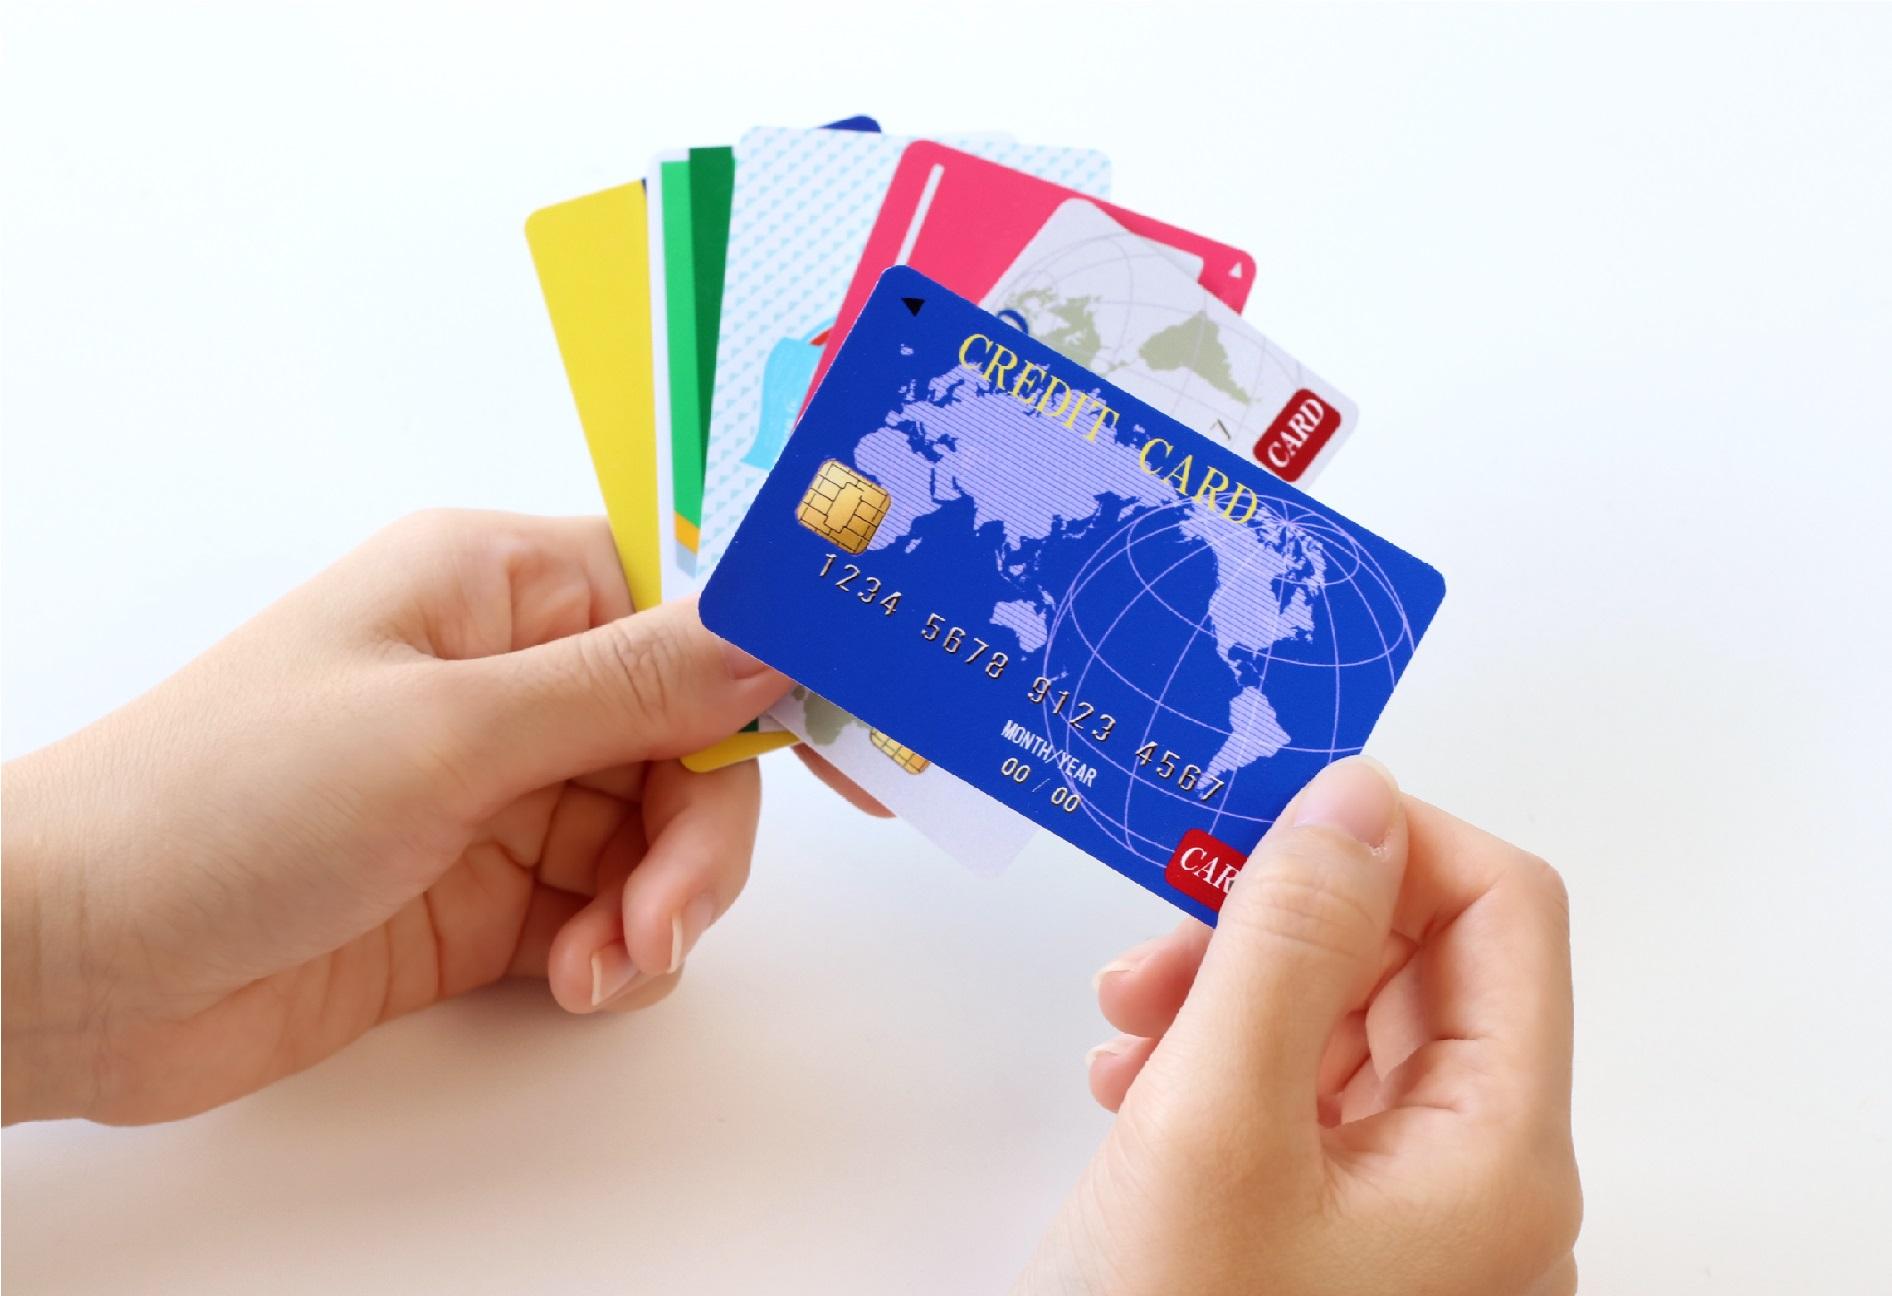 Amazonプライム会費はクレジットカードなどで決済ができる